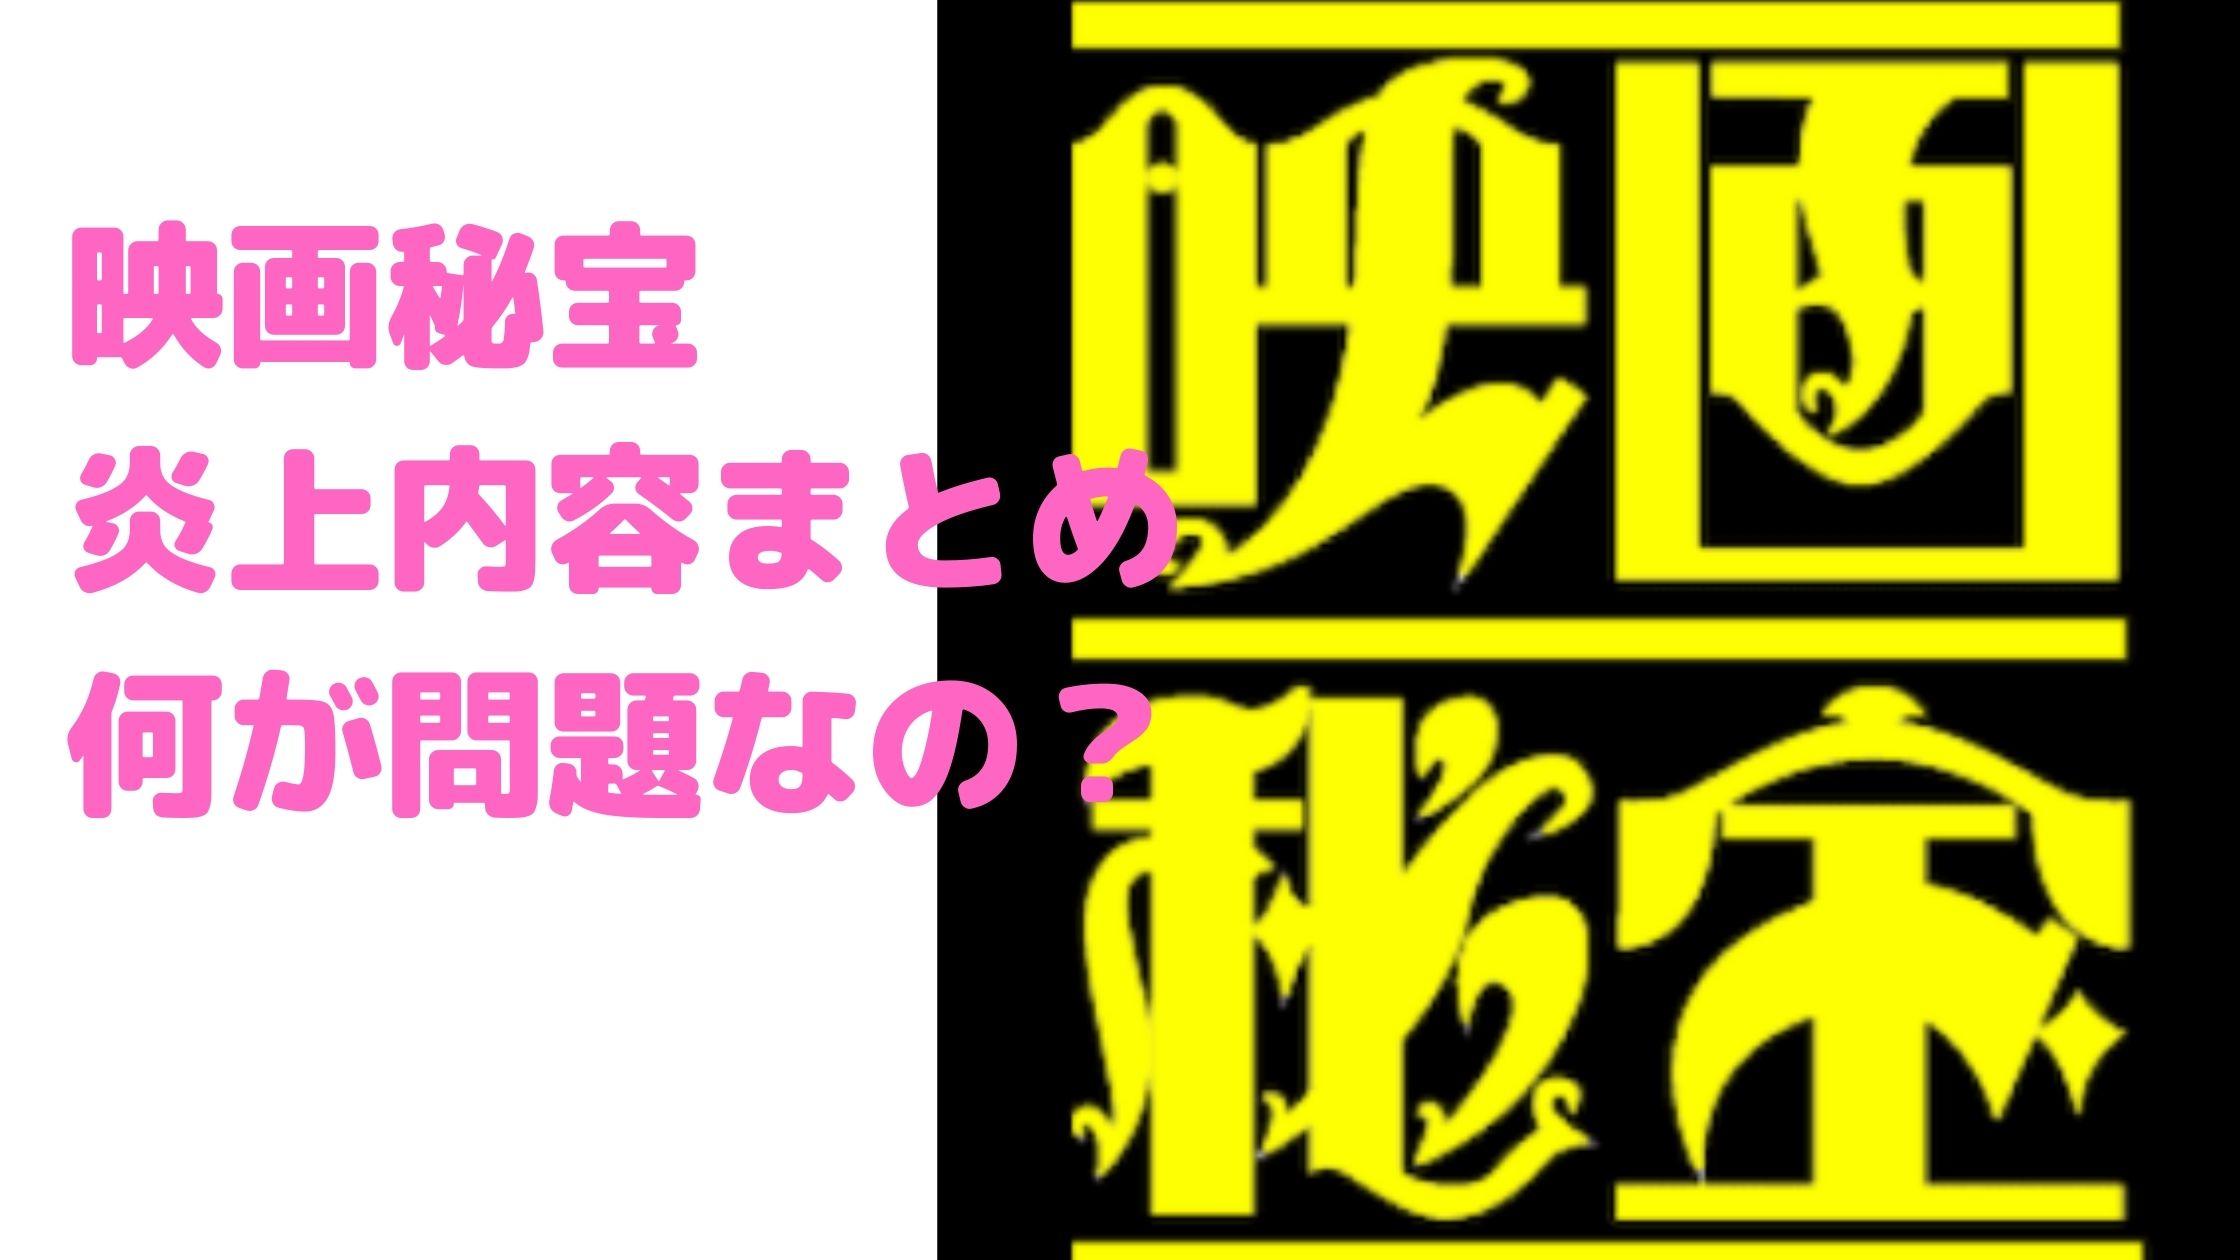 映画秘宝 炎上 内容 何があった 詳細 問題点 岩田和明